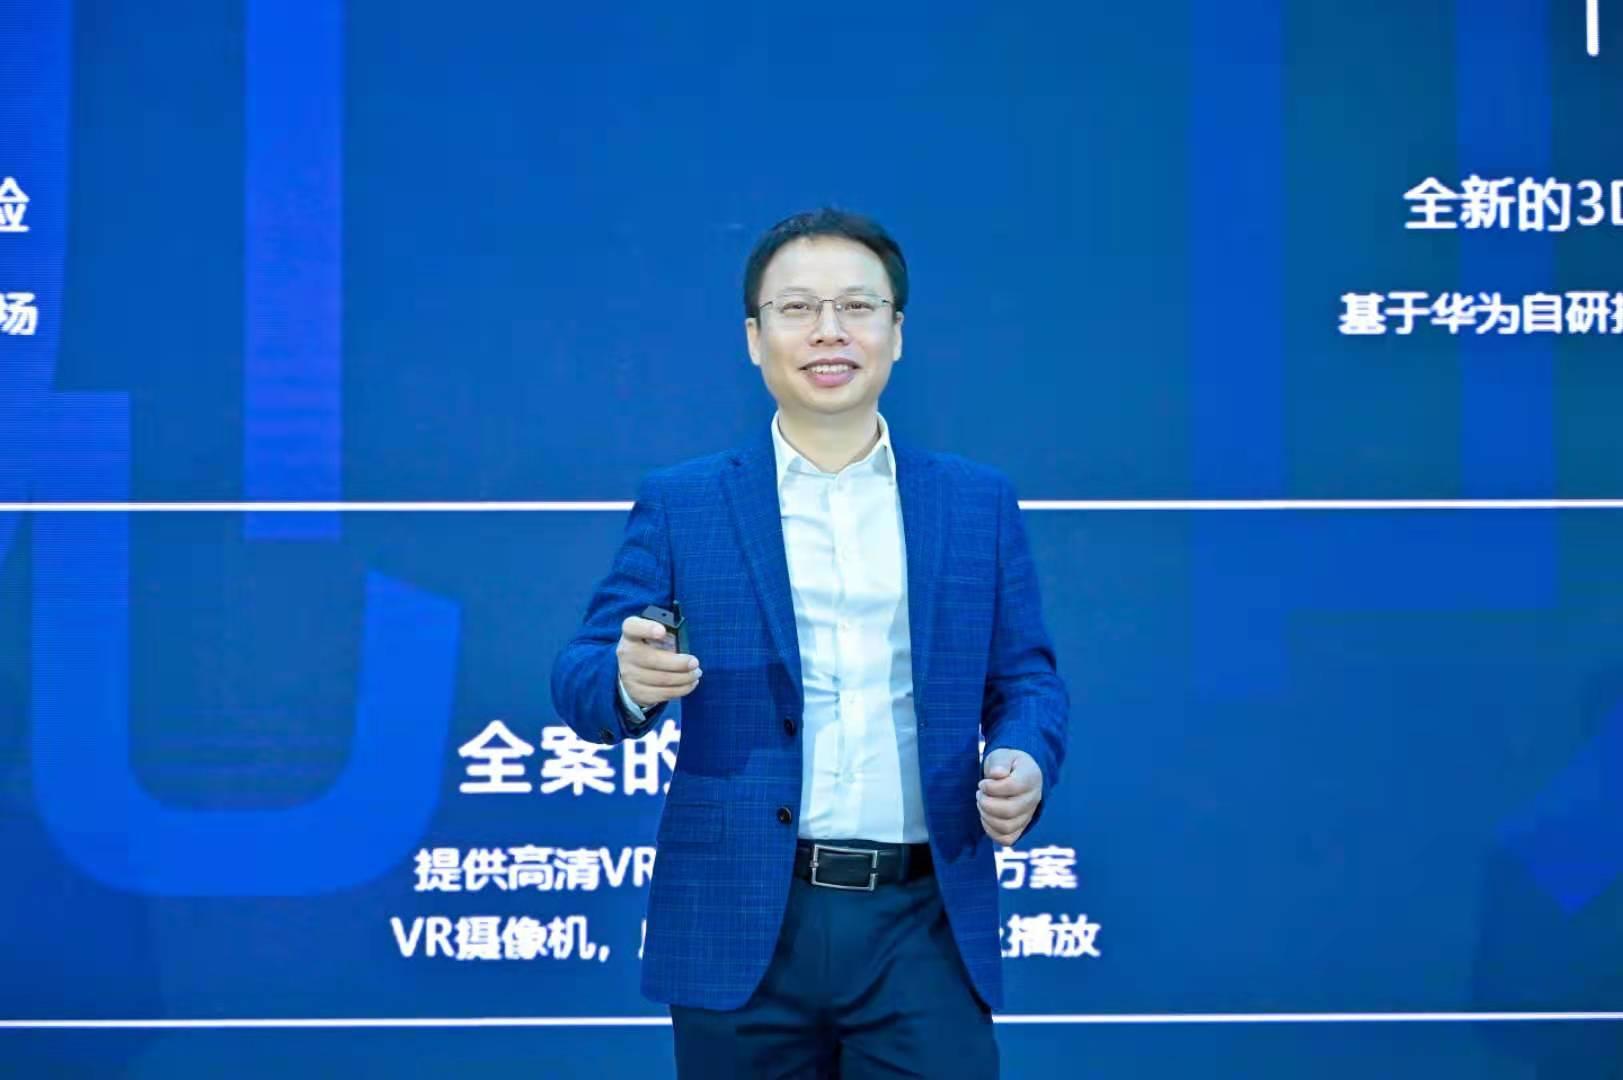 华为消费者云服务副总裁谭东晖